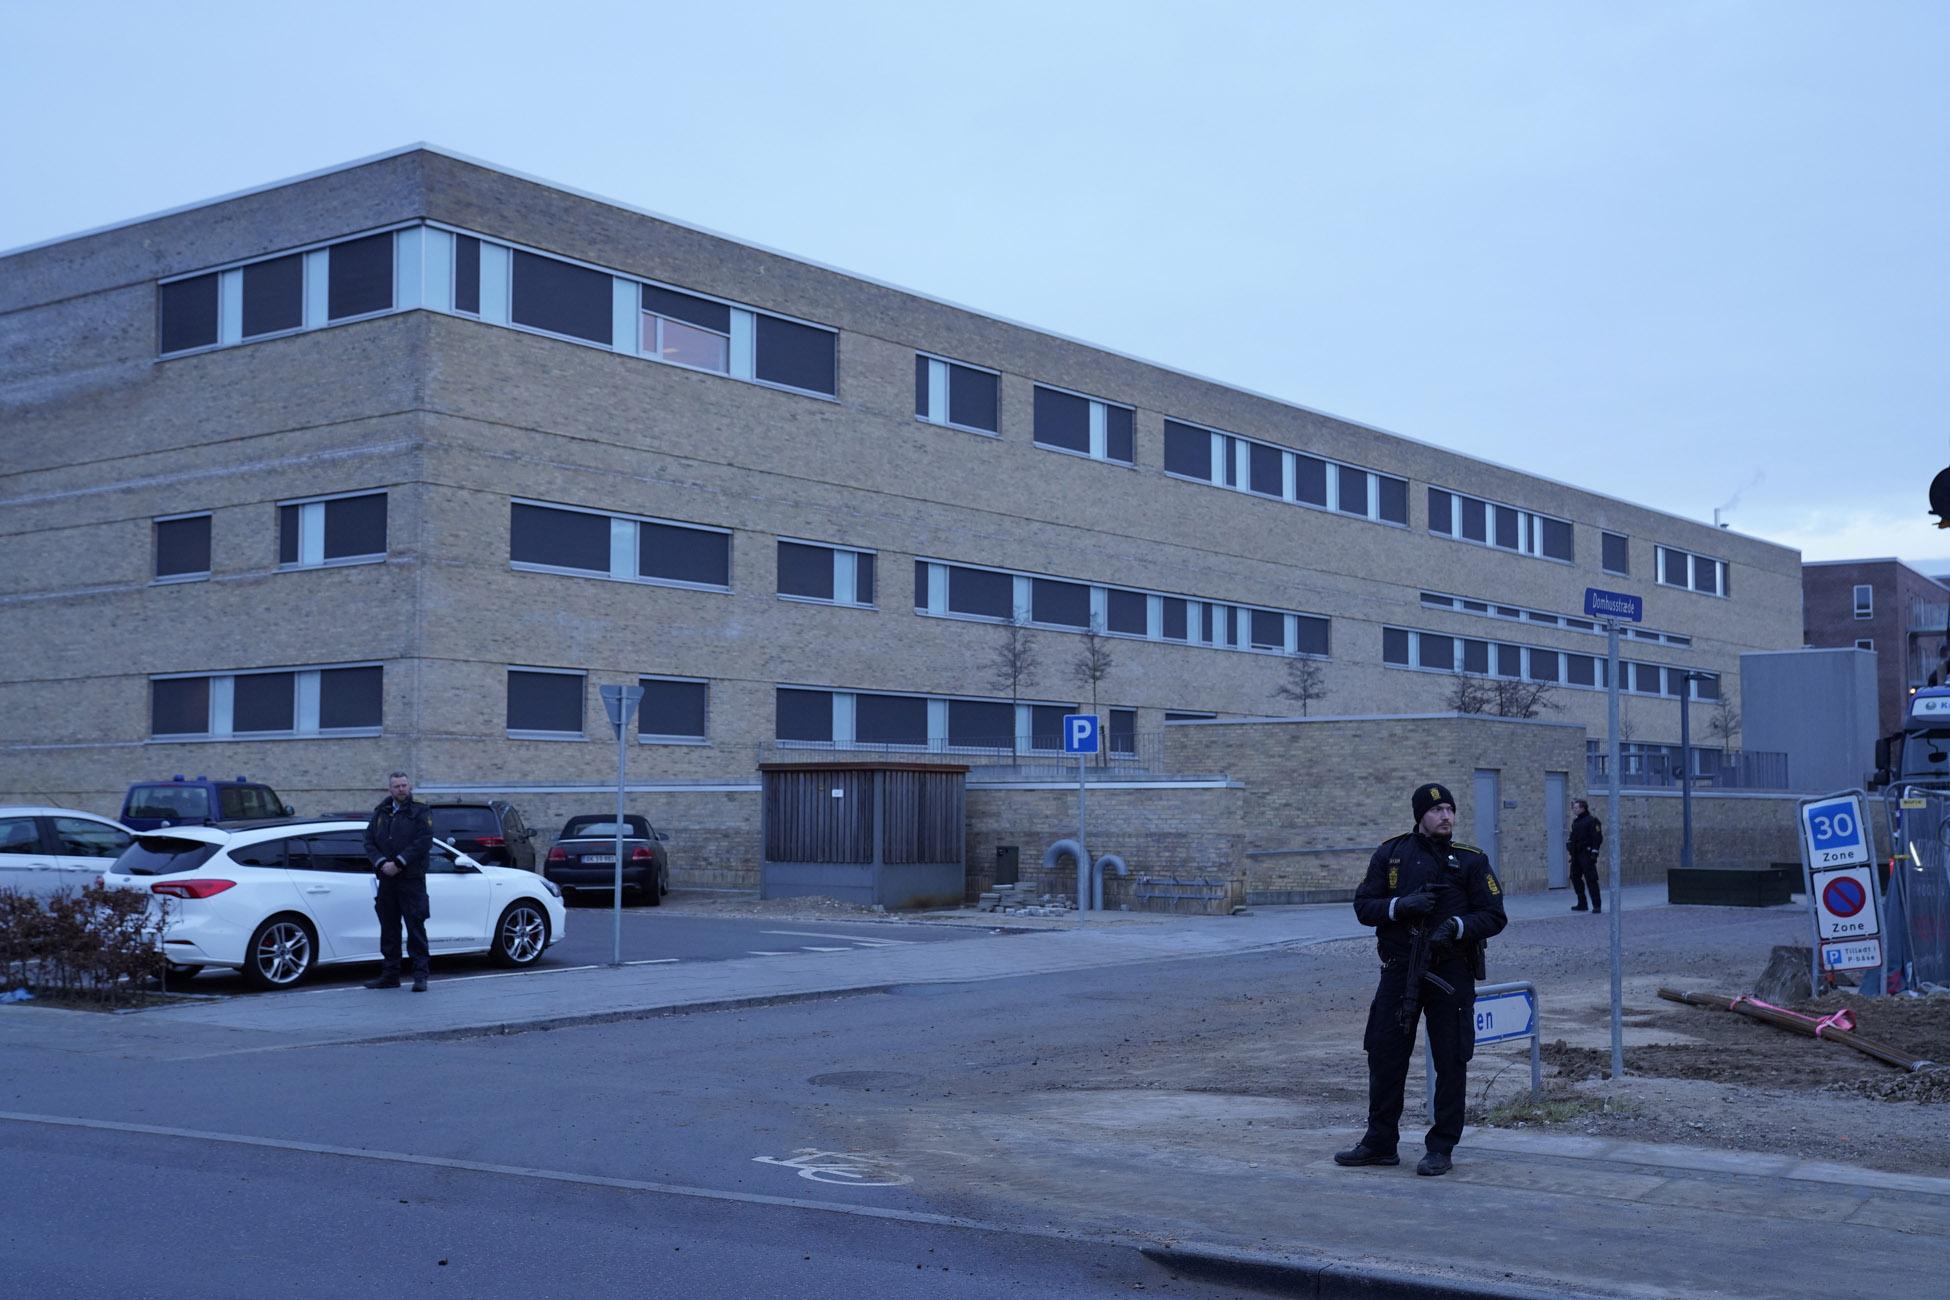 Δανία – κορονοϊός: 8 συλλήψεις σε διαδήλωση κατά των μέτρων περιορισμού